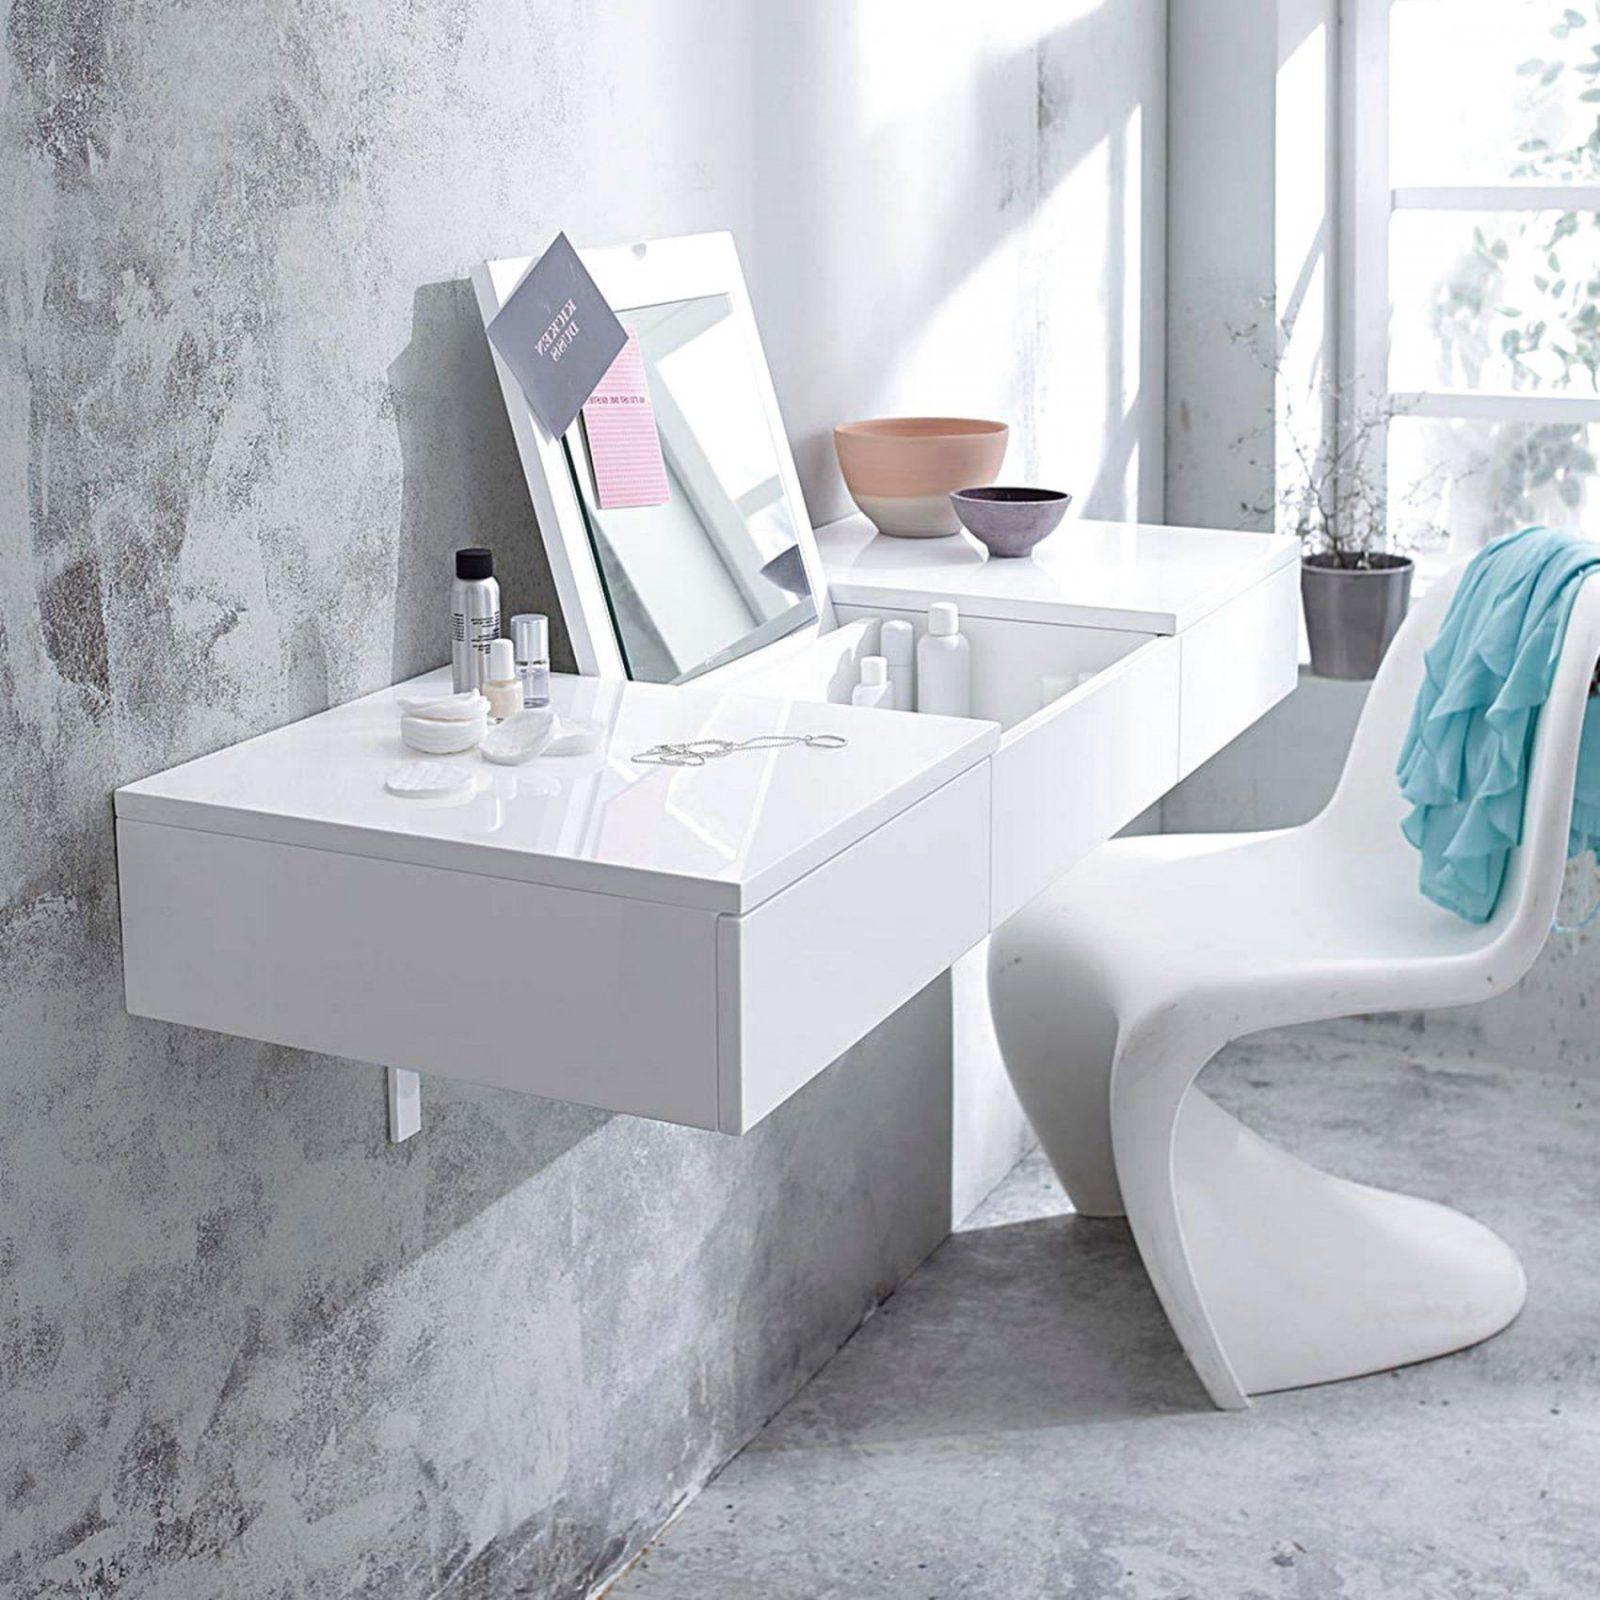 Schminktische Modern Ikea  Tisch Design von Schminktisch Modern Mit Spiegel Photo